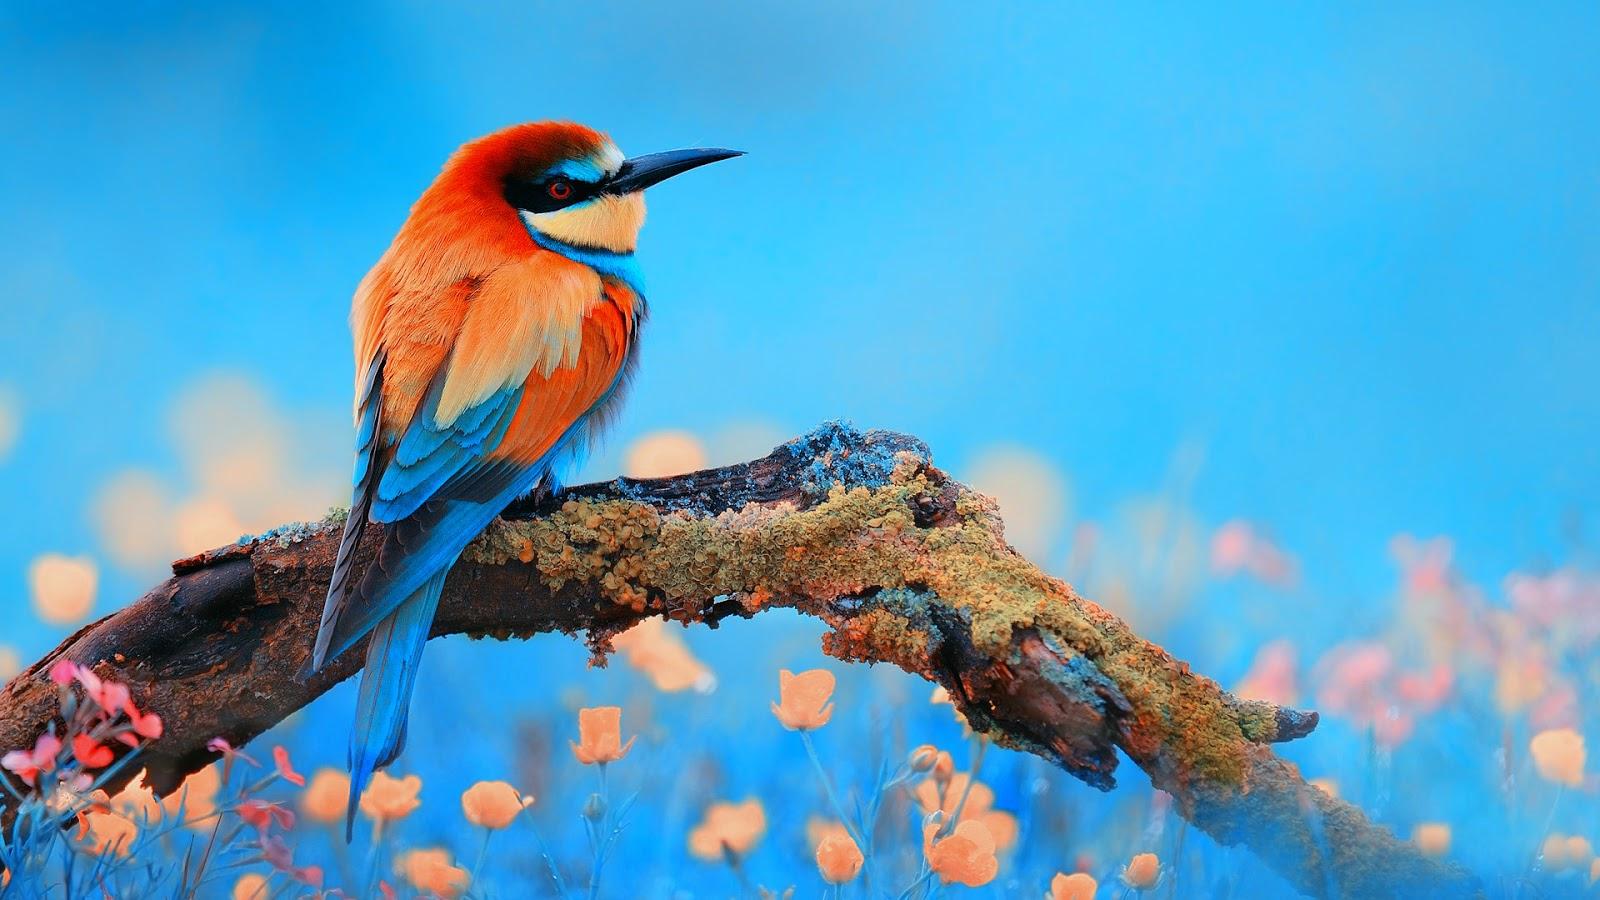 Banco de imgenes Paisajes Flores y Aves de nuestra naturaleza